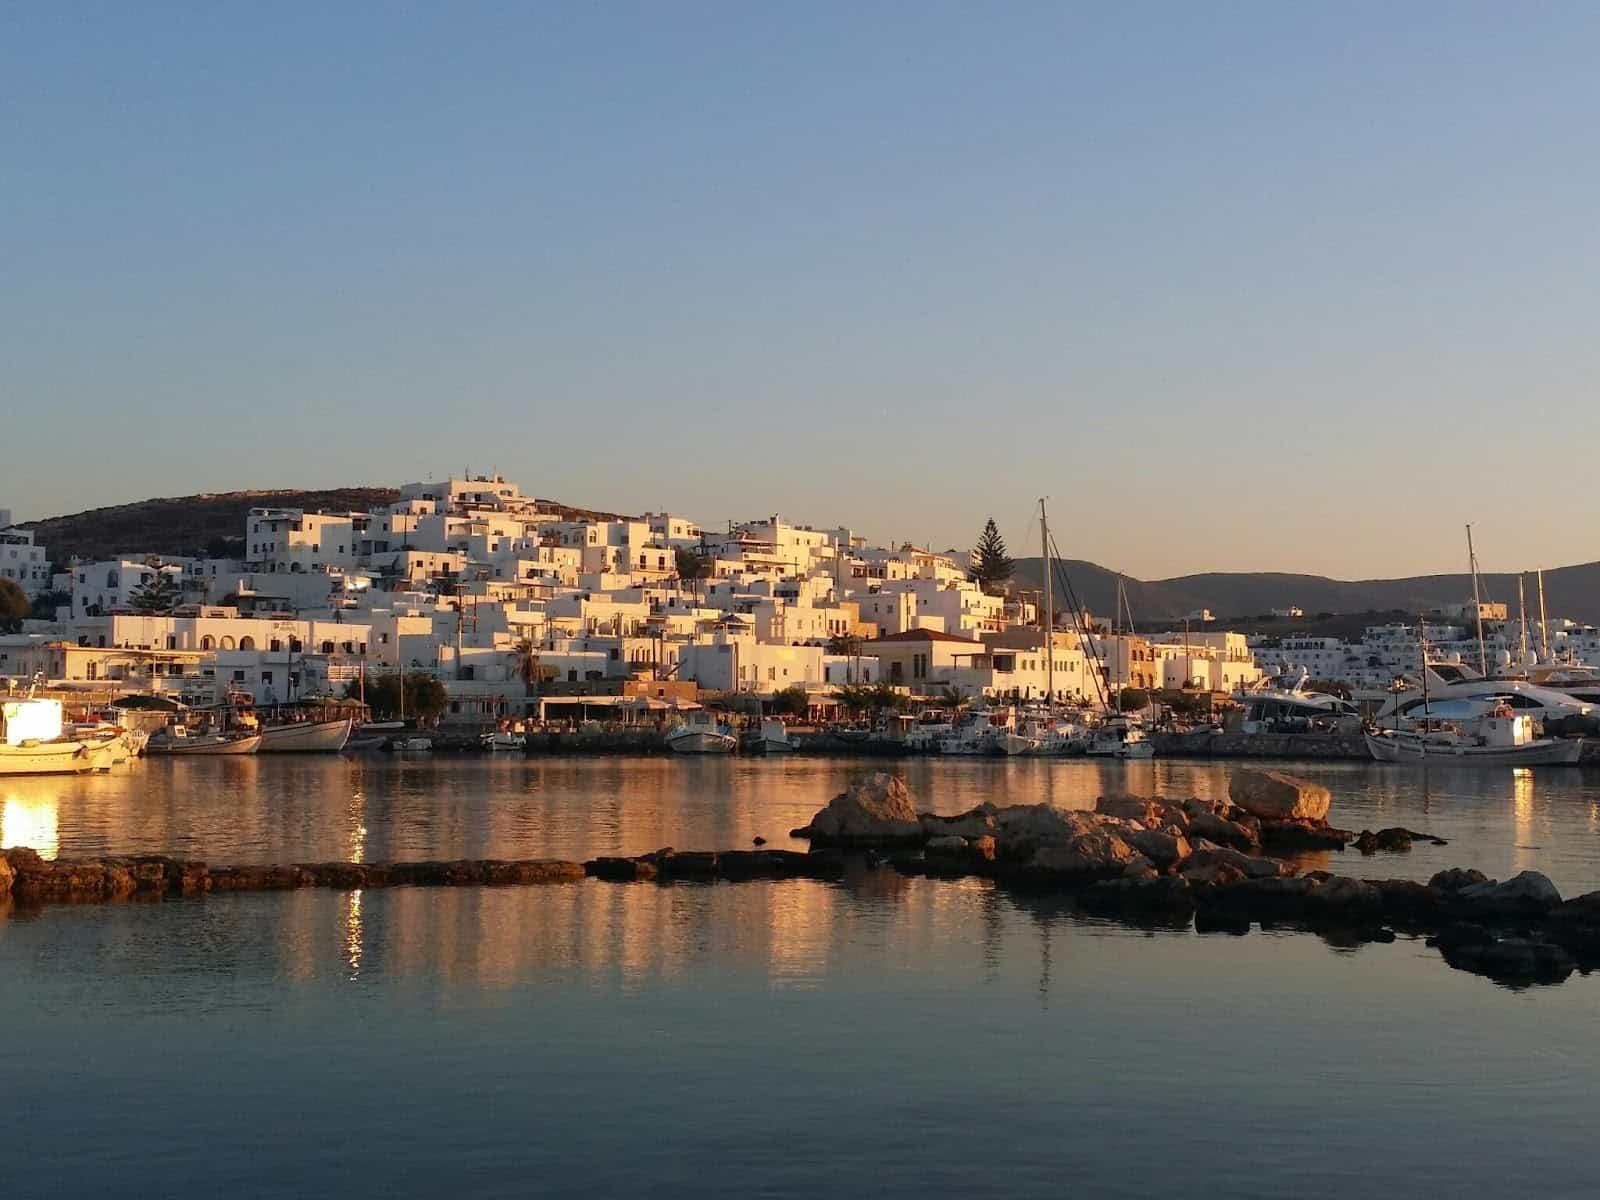 paros, grecia, que hacer, viajar, deportes nauticos, hotel, resort, viaje, atenas, crisis, desde espana, playa, comida, santorini, mykonos, fiesta, cena